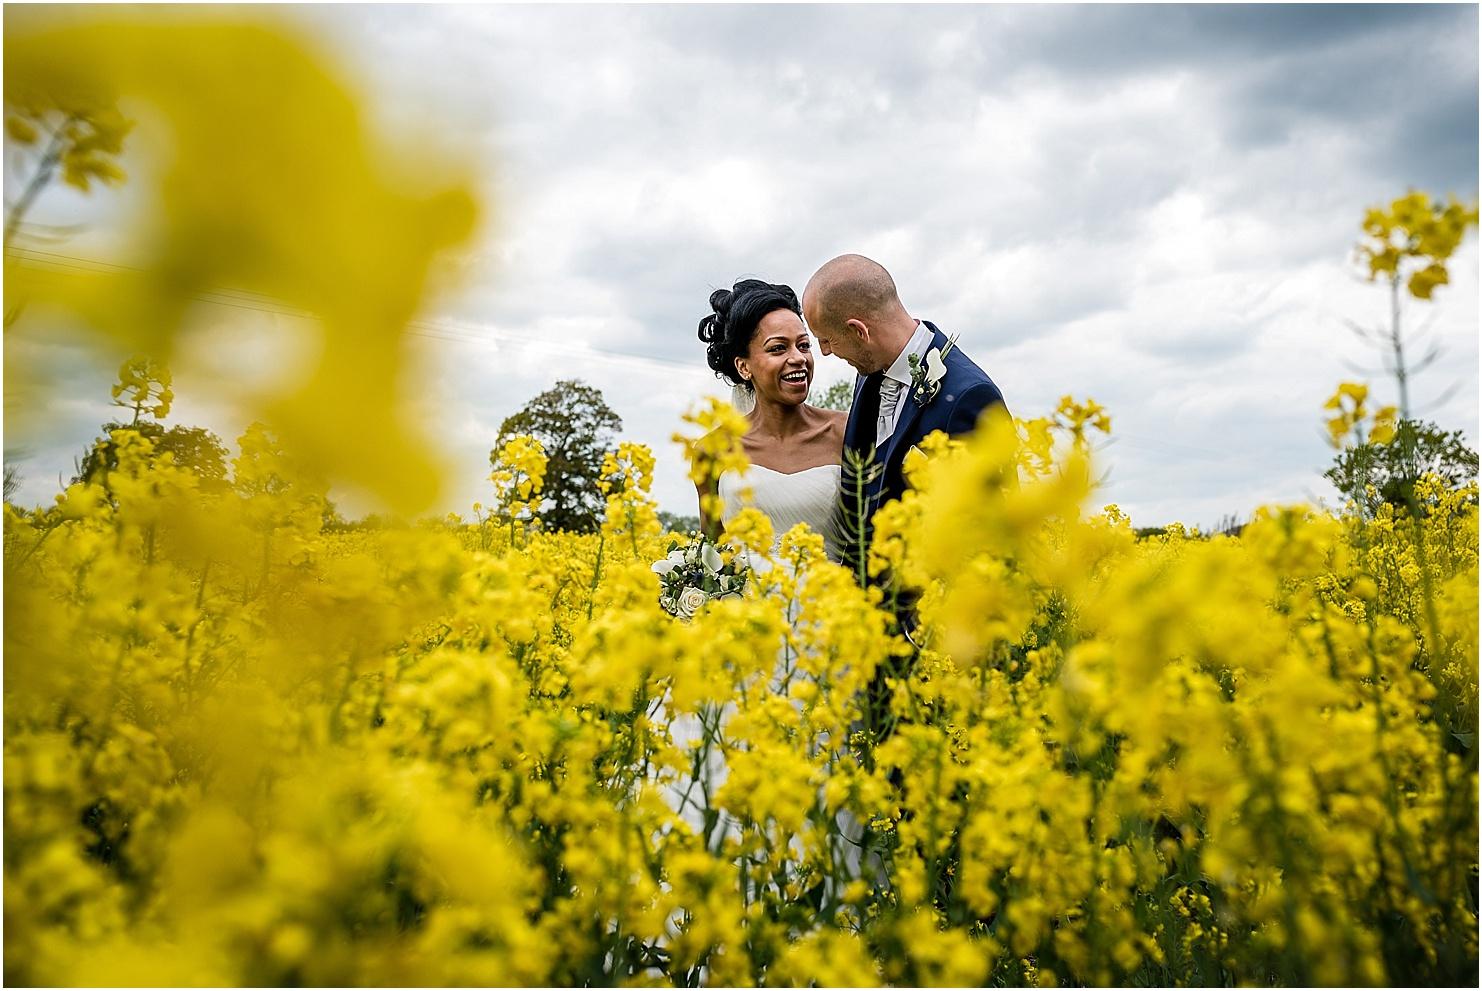 oilseed rape wedding photo